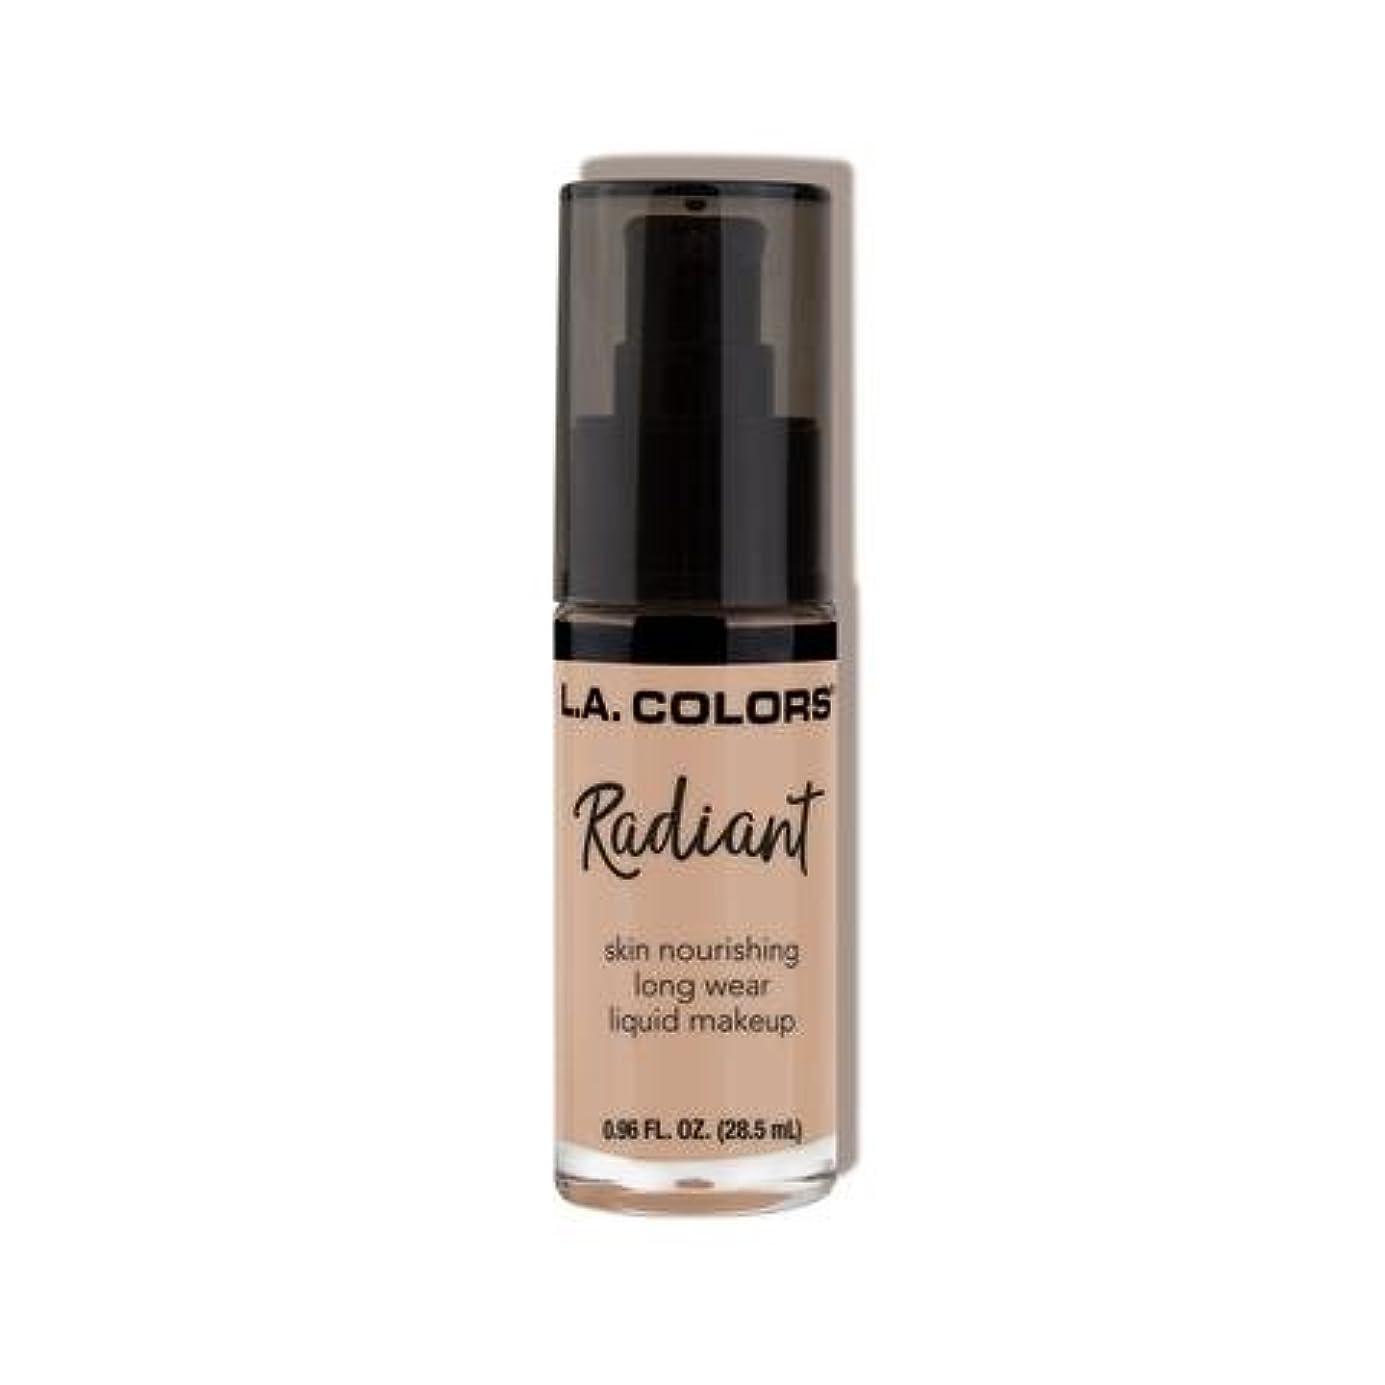 鷲診療所近所の(3 Pack) L.A. COLORS Radiant Liquid Makeup - Beige (並行輸入品)